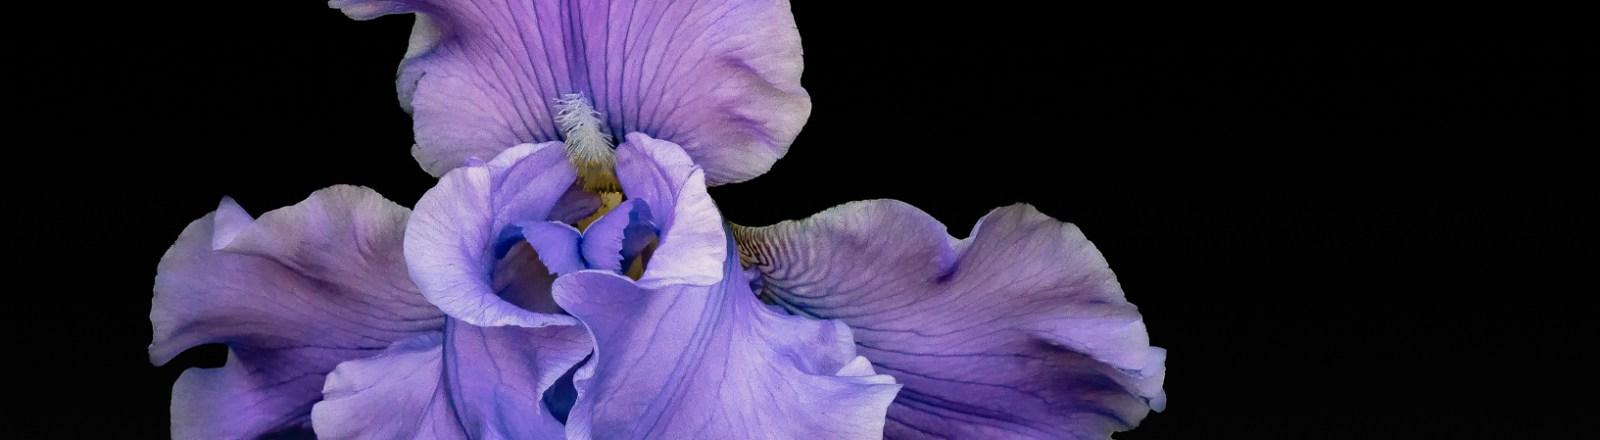 A Profusion of Irises: Iris No. 1